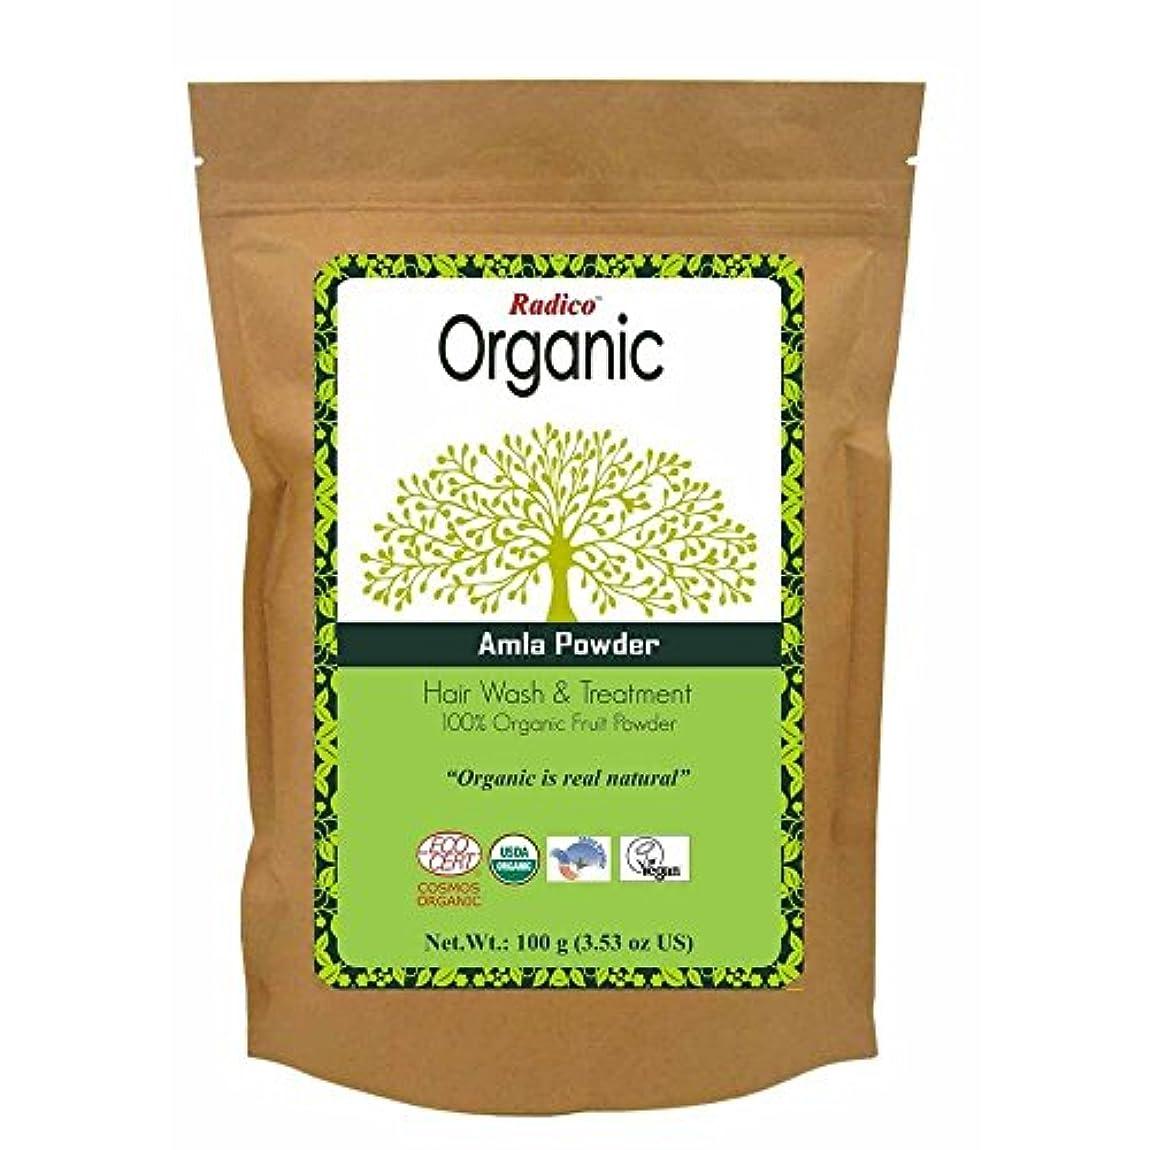 より奨励東ティモールラディコアムラフルーツ/野菜パウダー(オーガニック、ビーガン)